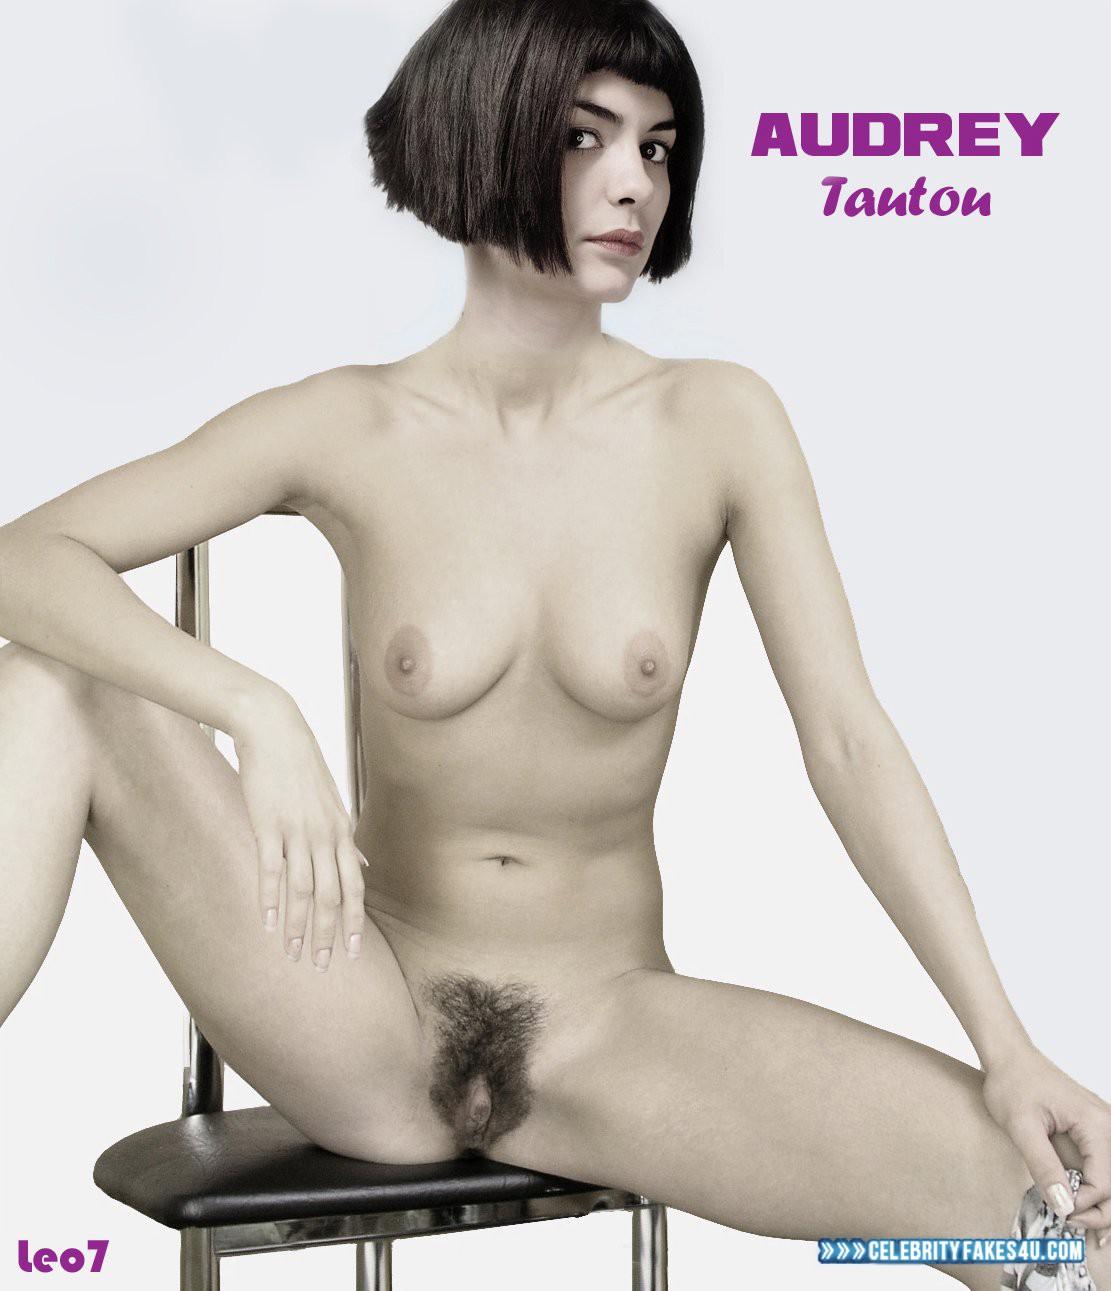 Audrey nude tautou